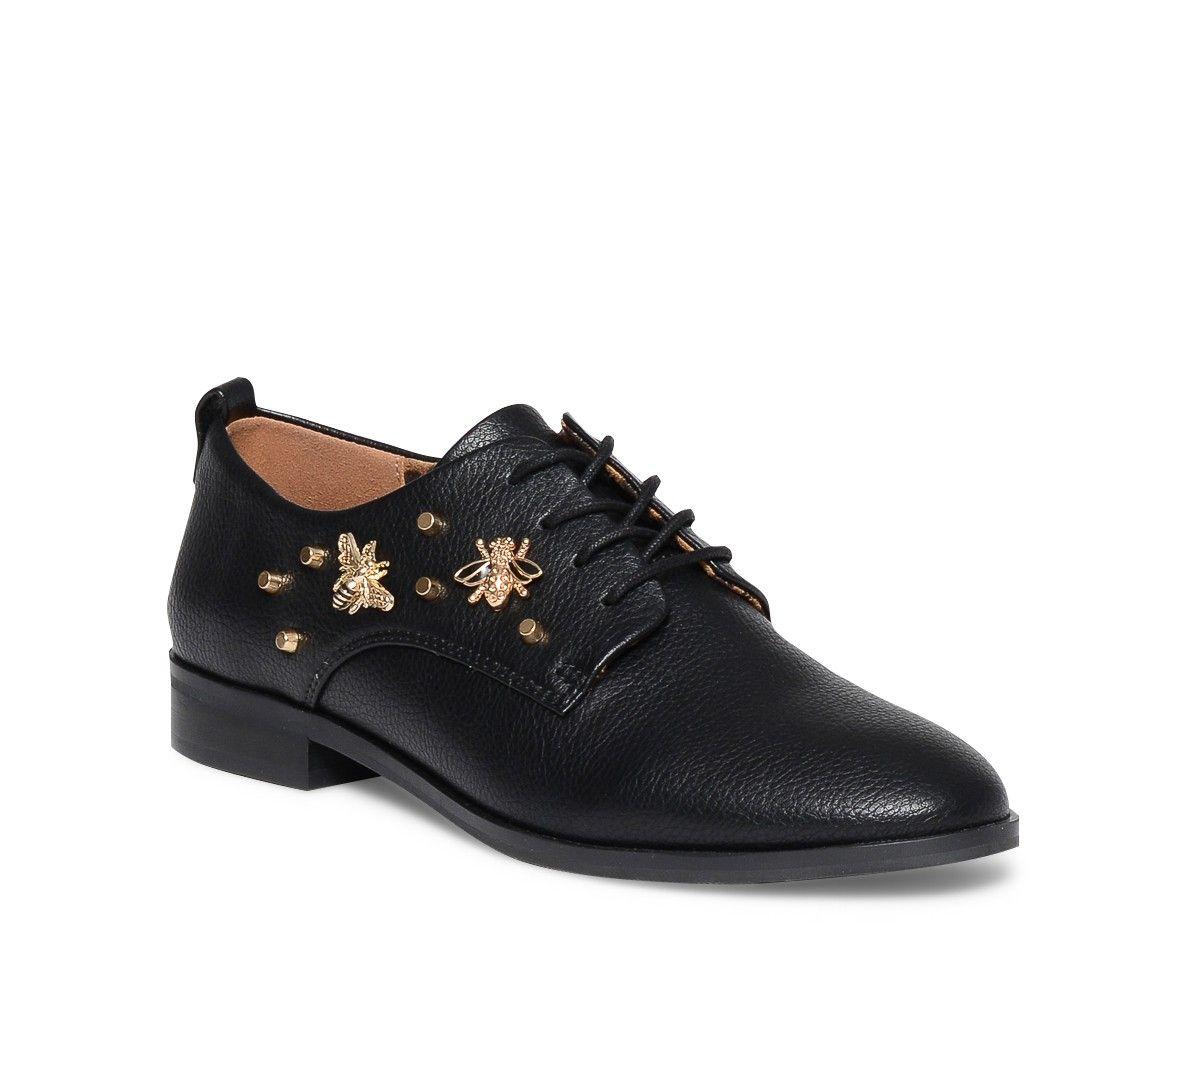 af125ba6f4c8 Derby noir bijou-abeille - Derbies - Chaussures femme